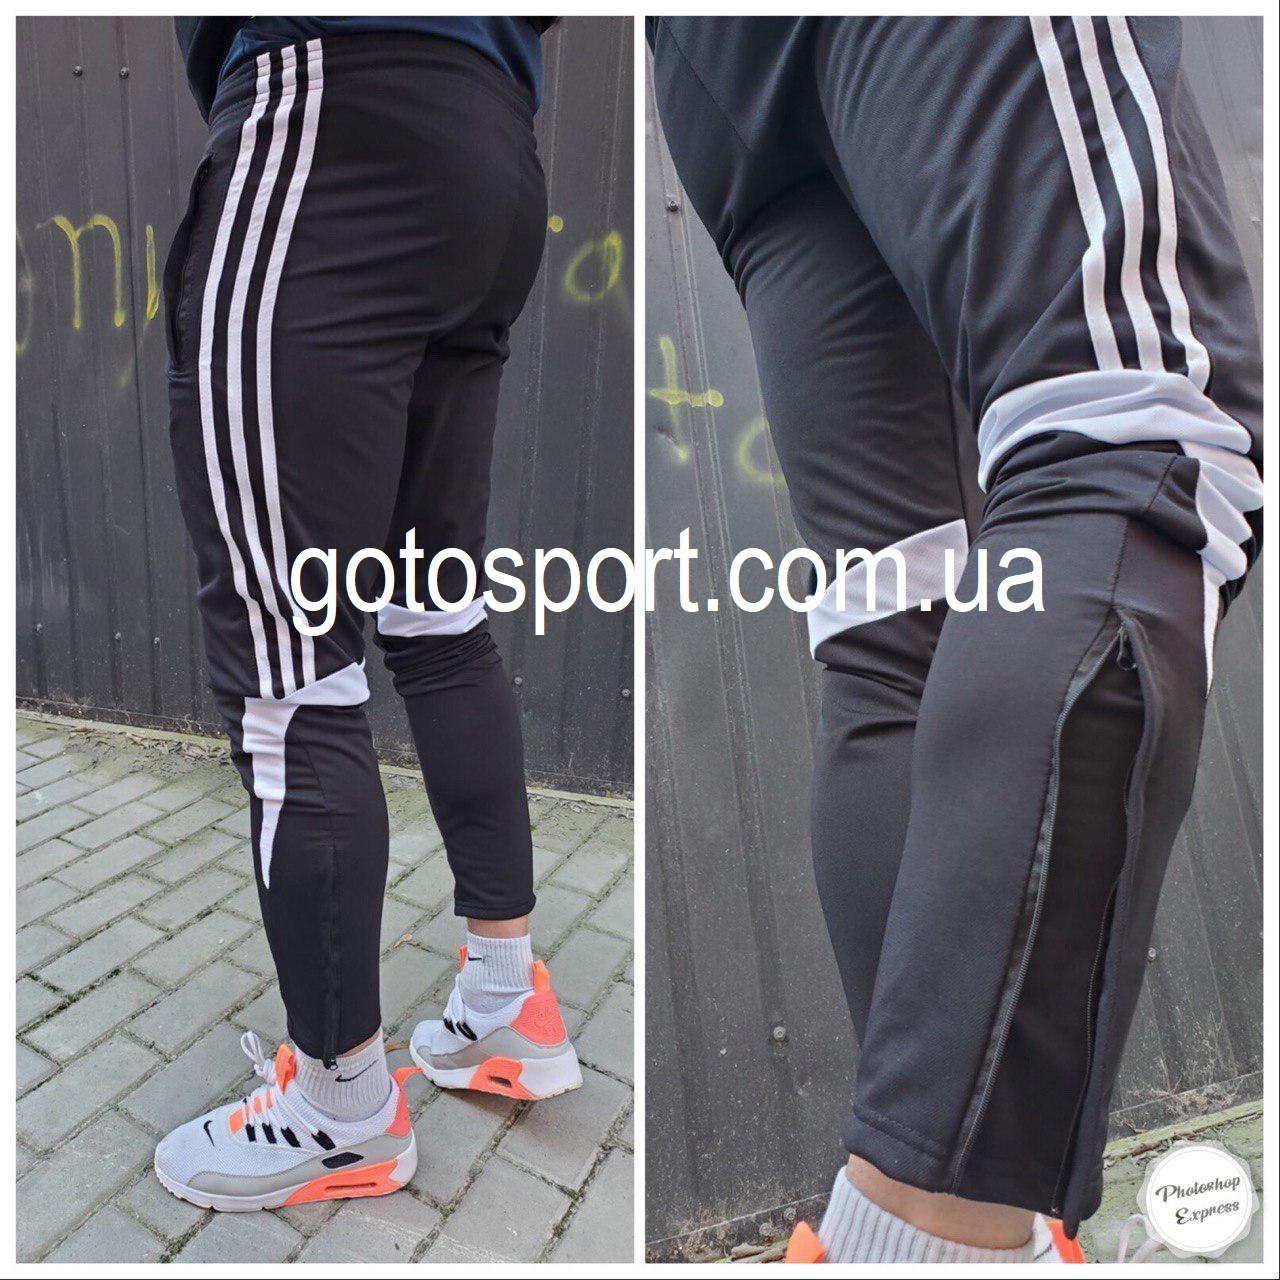 Мужские спортивные штаны Adidas Men Black Cool